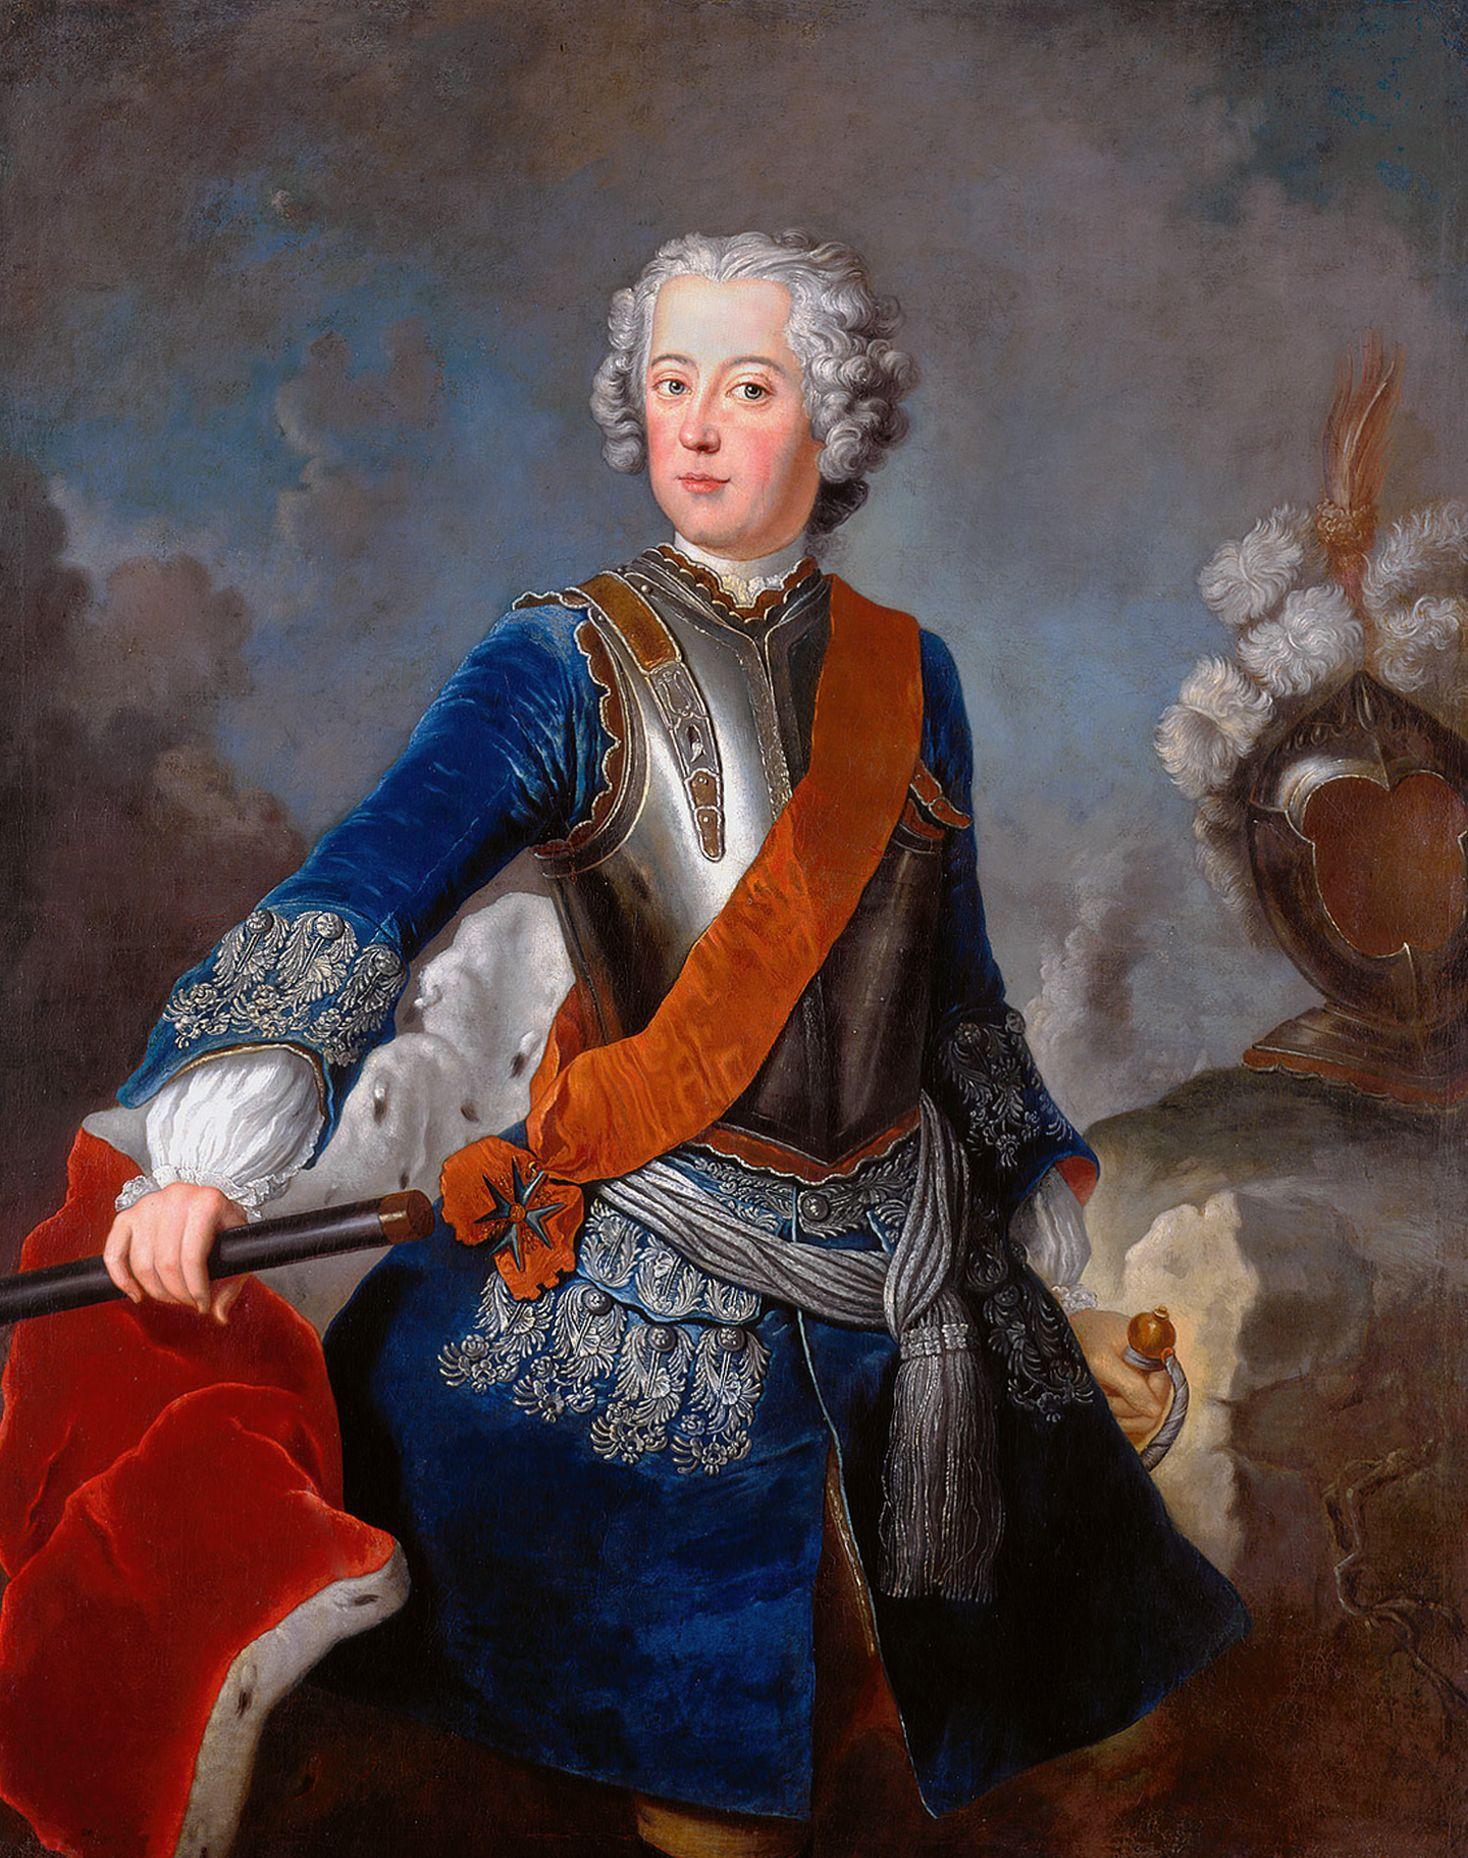 Crown_prince_Friedrich_II,_by_Antoine_Pesne.jpg 1,468×1,858 pixels